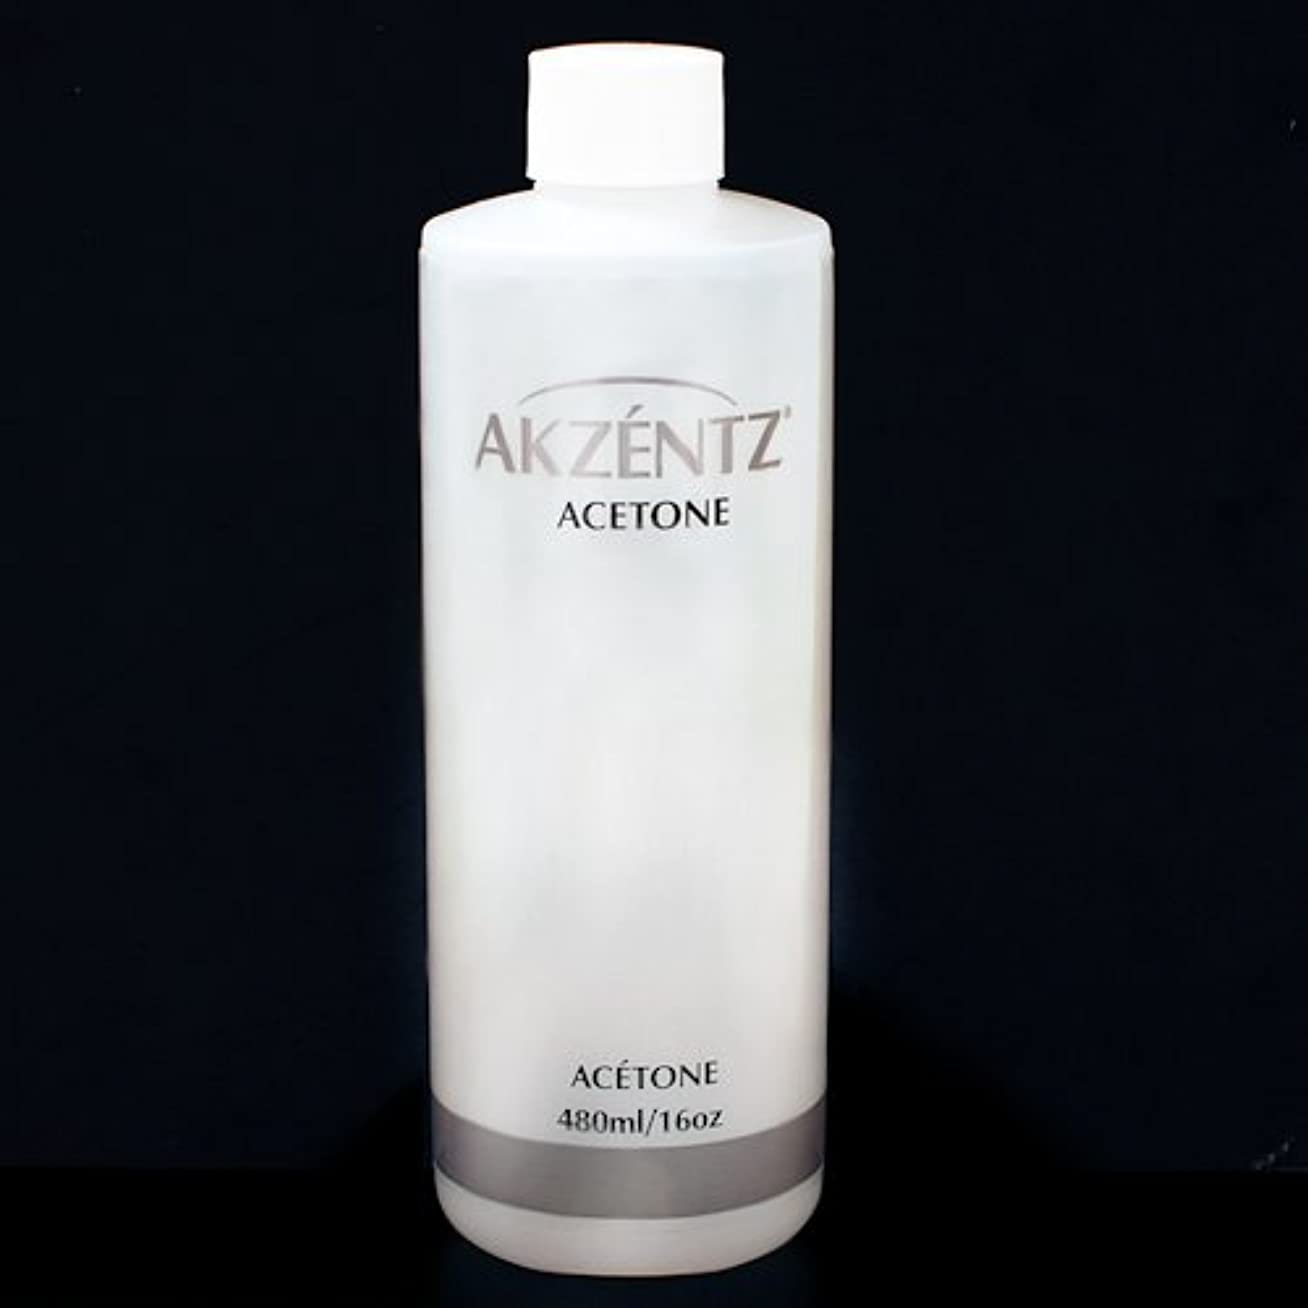 ストレスキルト追加するアクセンツ(AKZENTZ) ネイルリムーバー (アセトン) 480ml